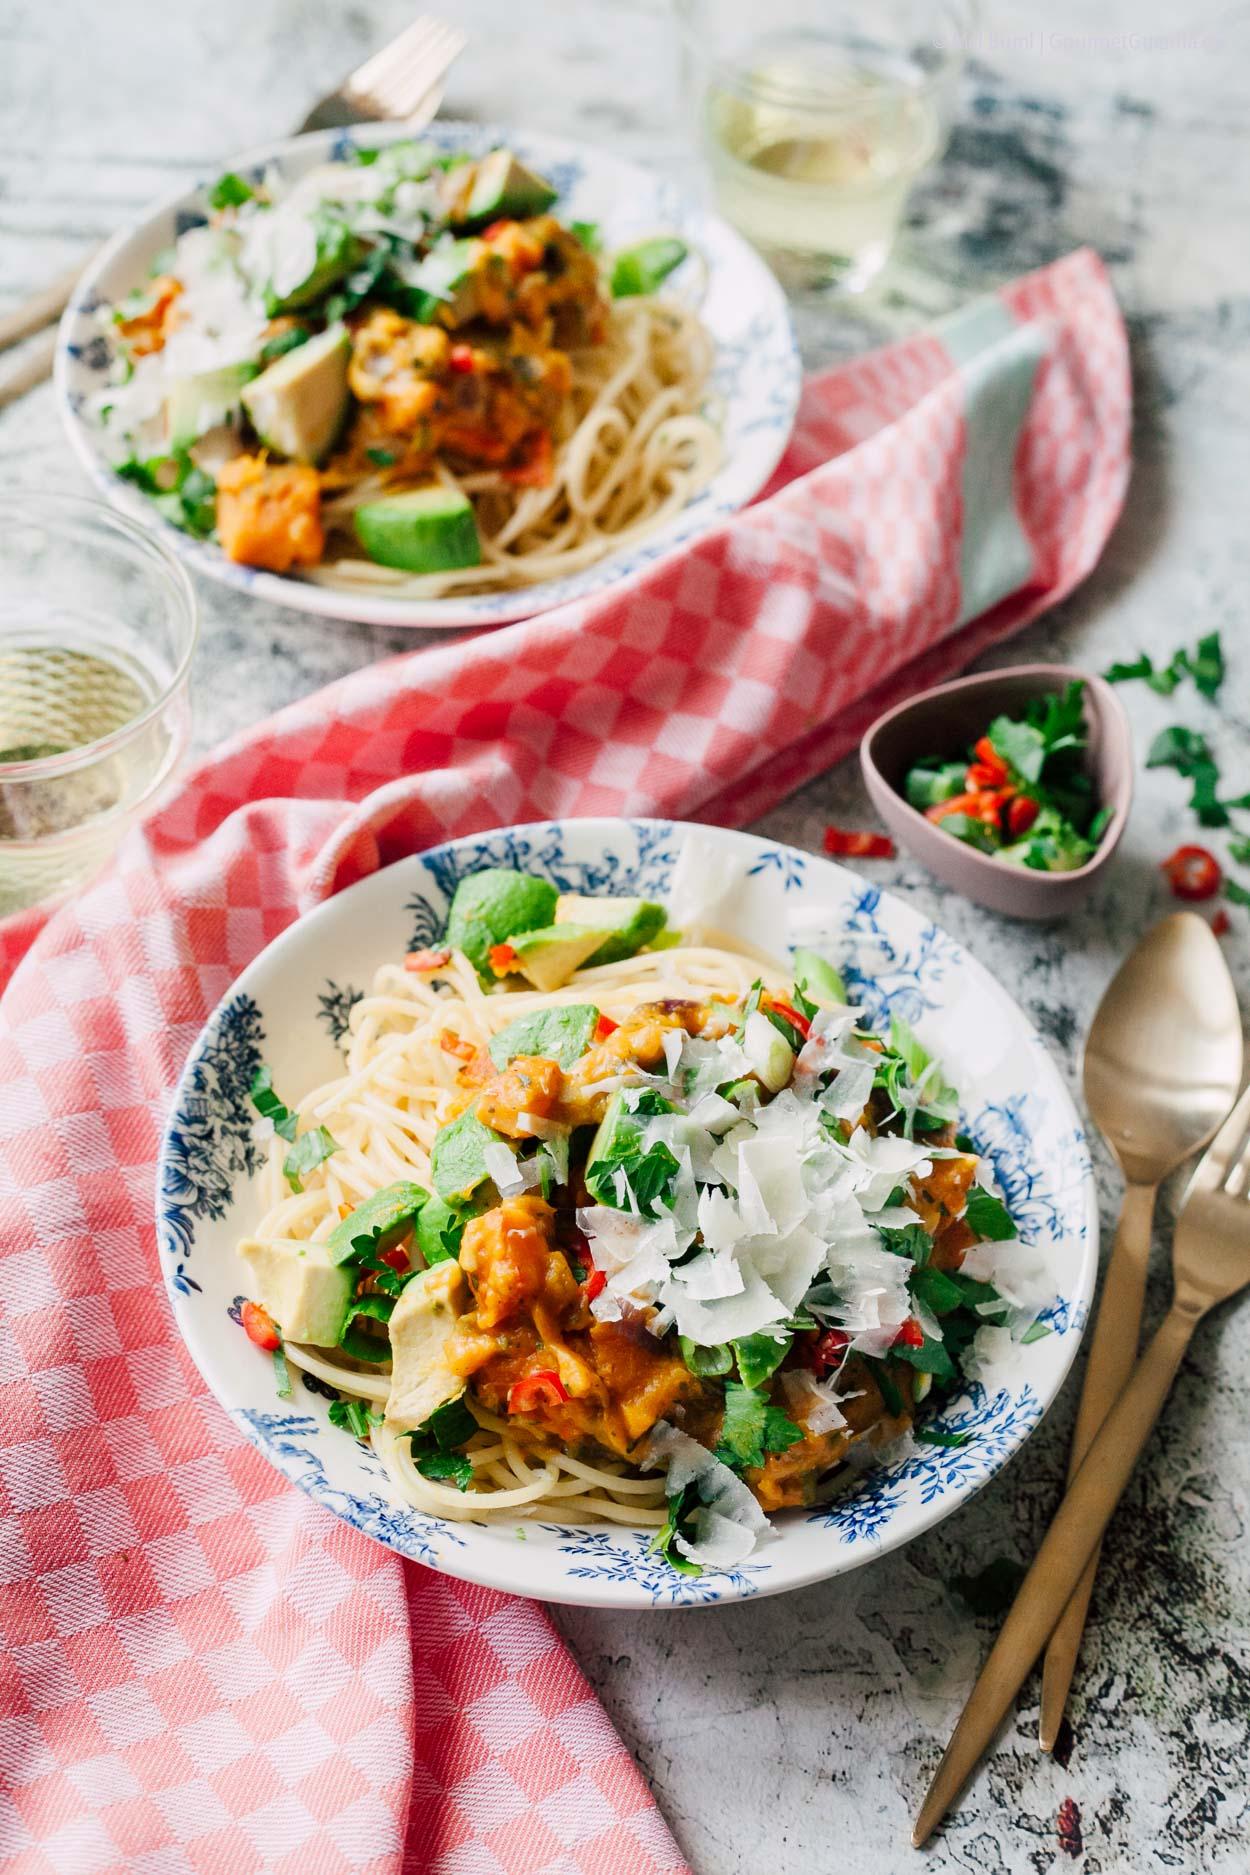 Pasta mit cremiger Kürbis-Soße, Avocado und einem Hauch Chili |GourmetGuerilla.de